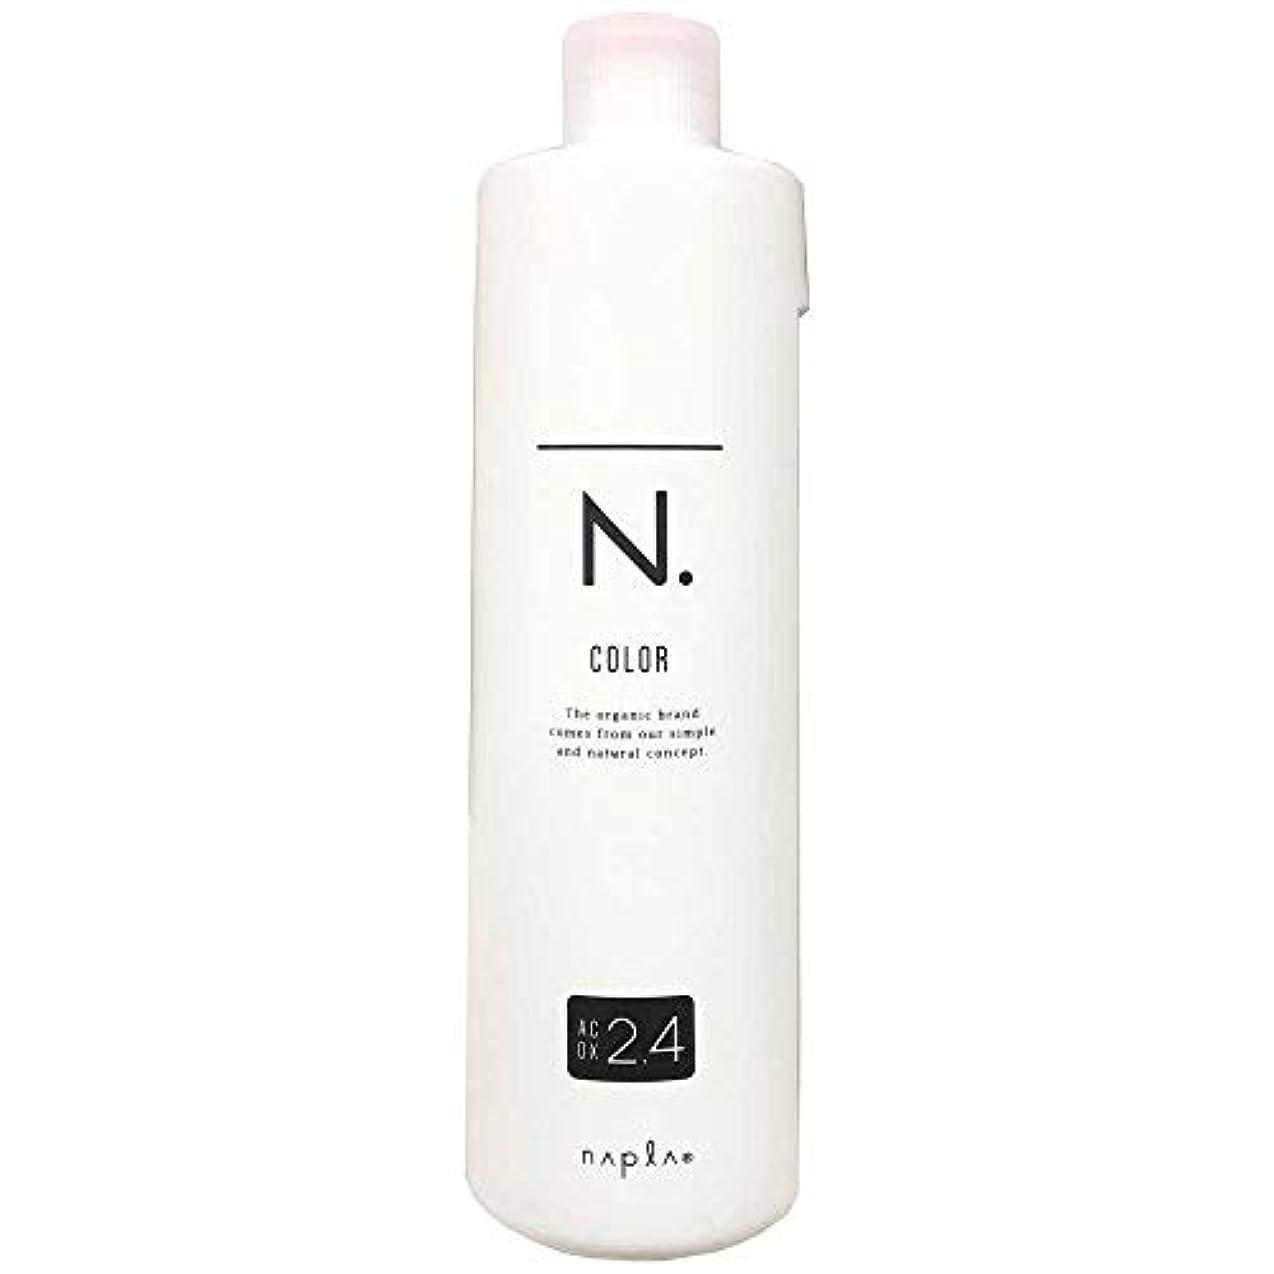 リフレッシュ同行適合するナプラ エヌドットカラー オキシ 第2剤 (2.4%)